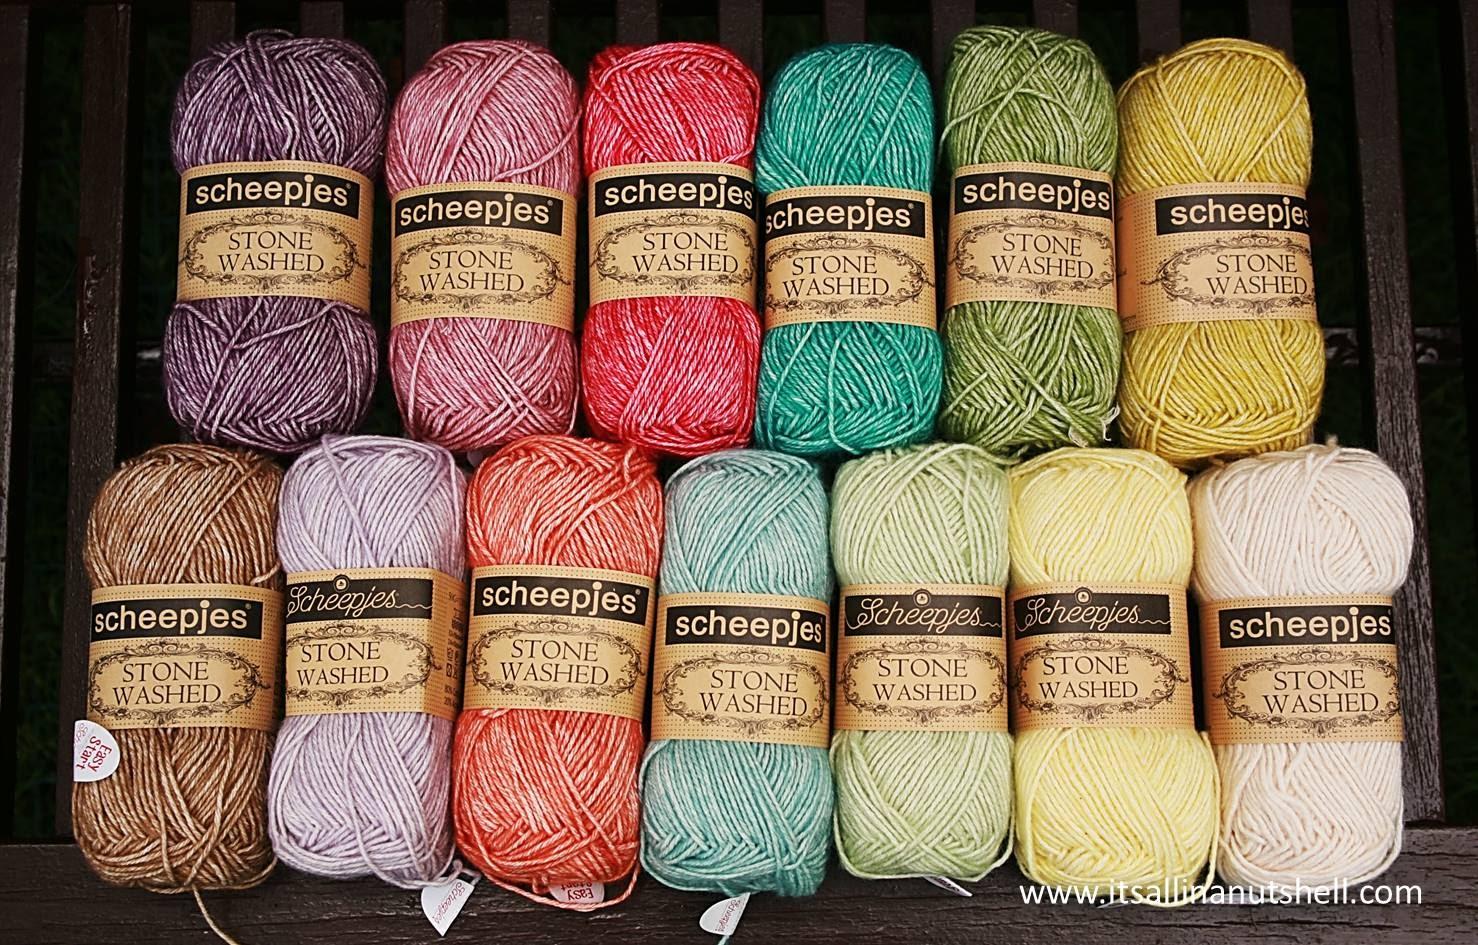 Scheepjes-Stone Washed color 818 Lilac Quartz